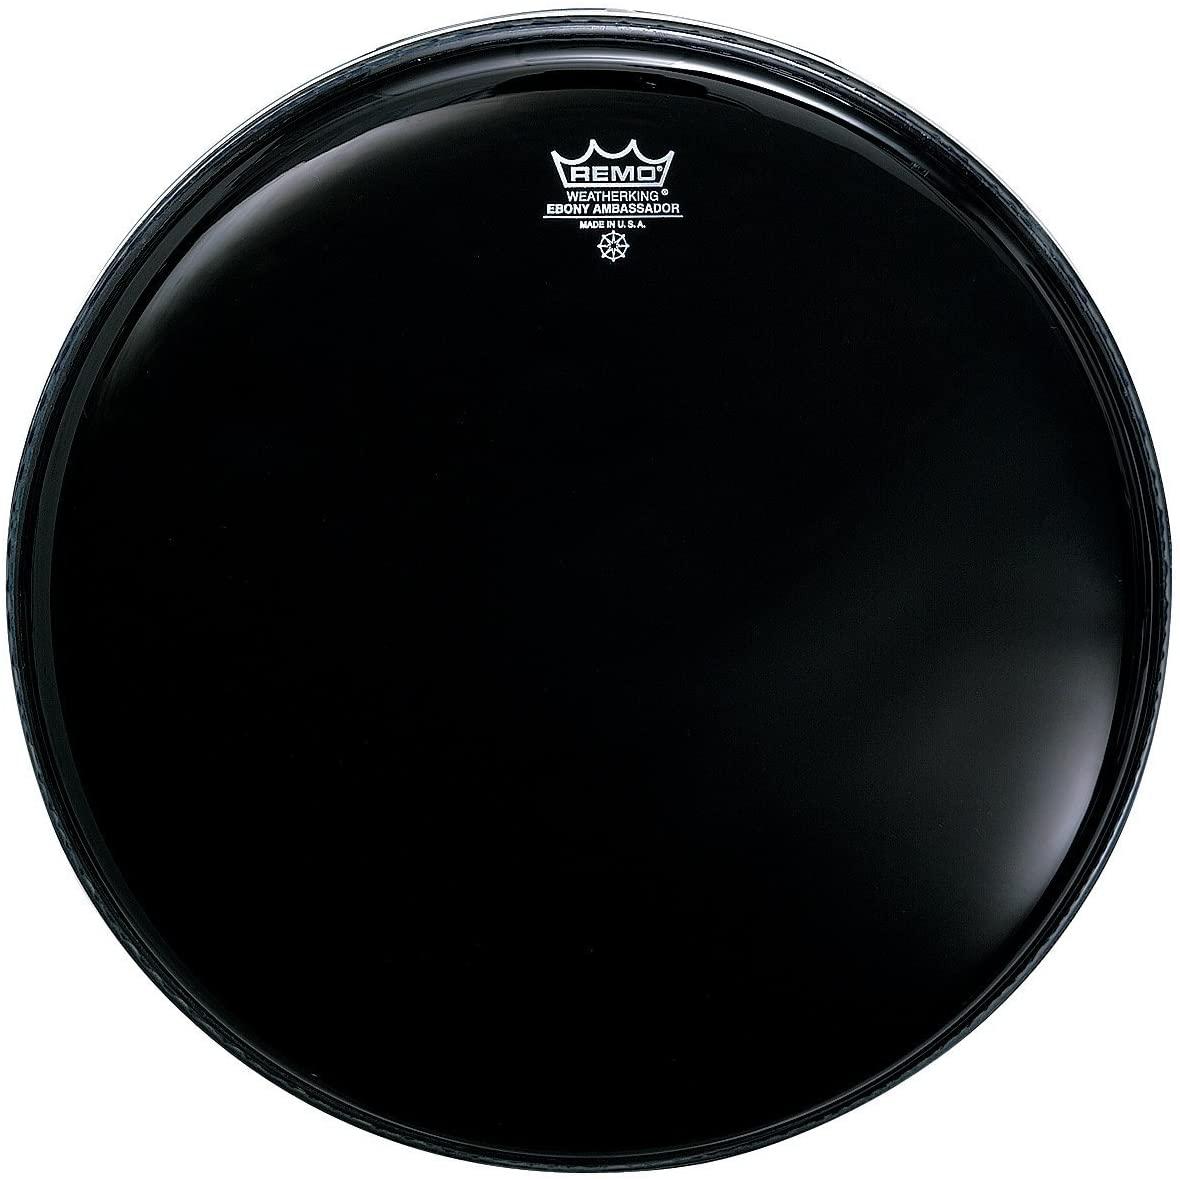 Remo ES001200 Ebony Ambassador Drum Head, 12-Inch